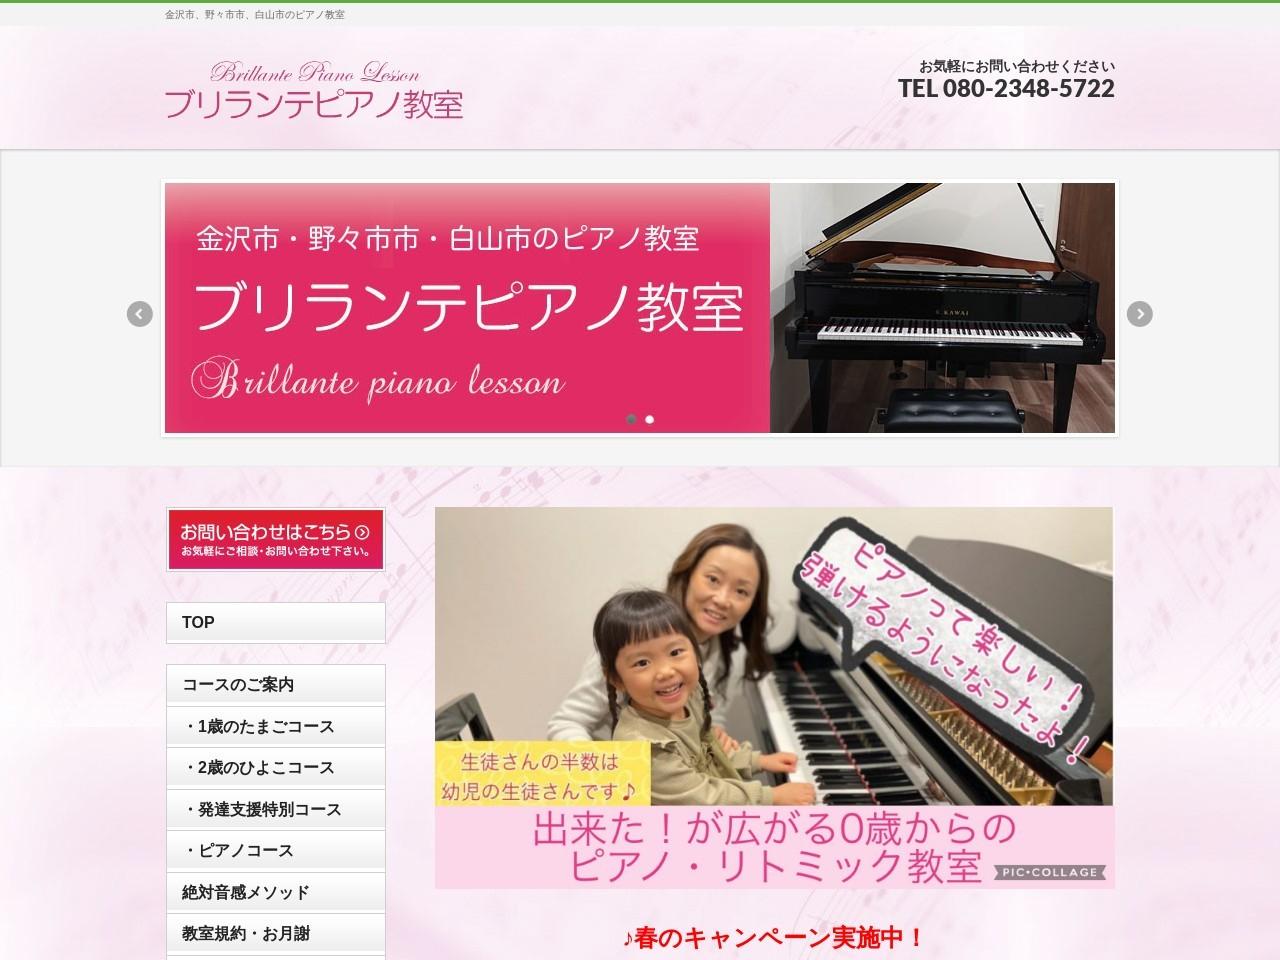 ブリランテピアノ教室(押野教室・米泉公民館教室)のサムネイル